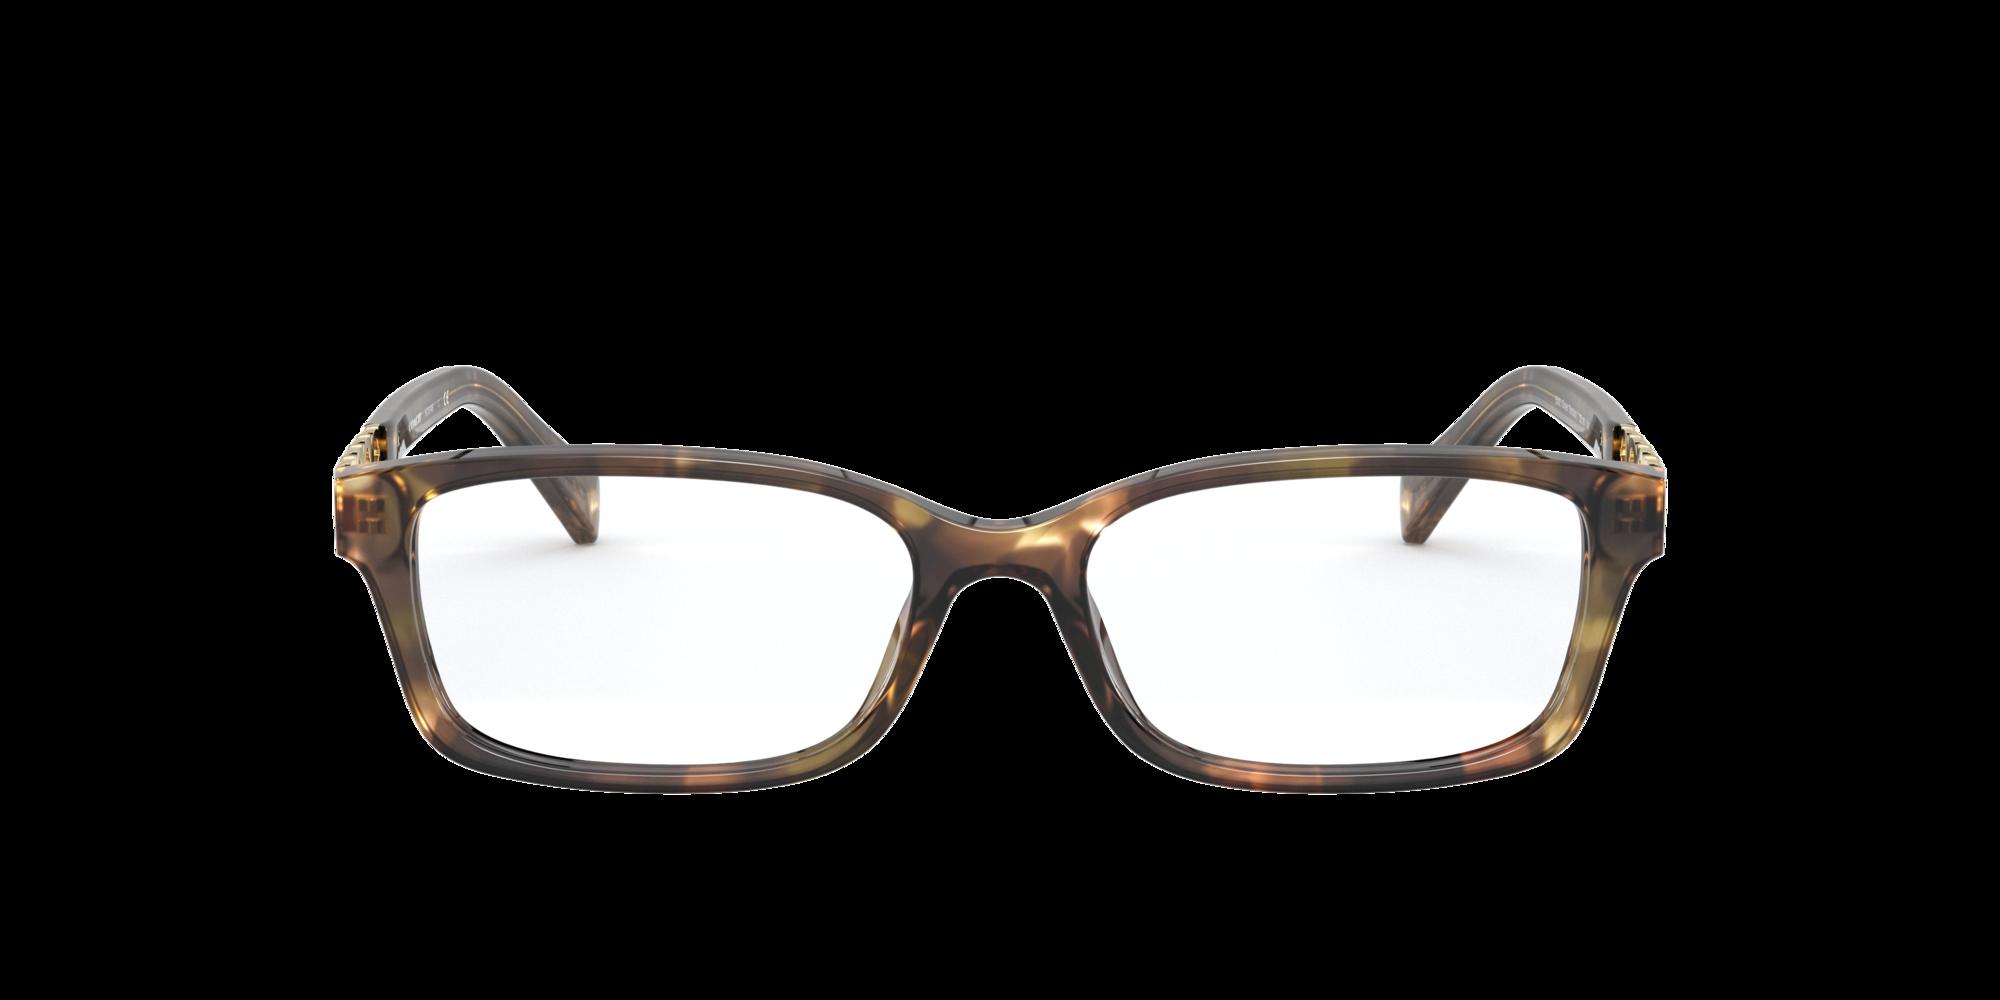 Imagen para HC6148 de LensCrafters    Espejuelos, espejuelos graduados en línea, gafas